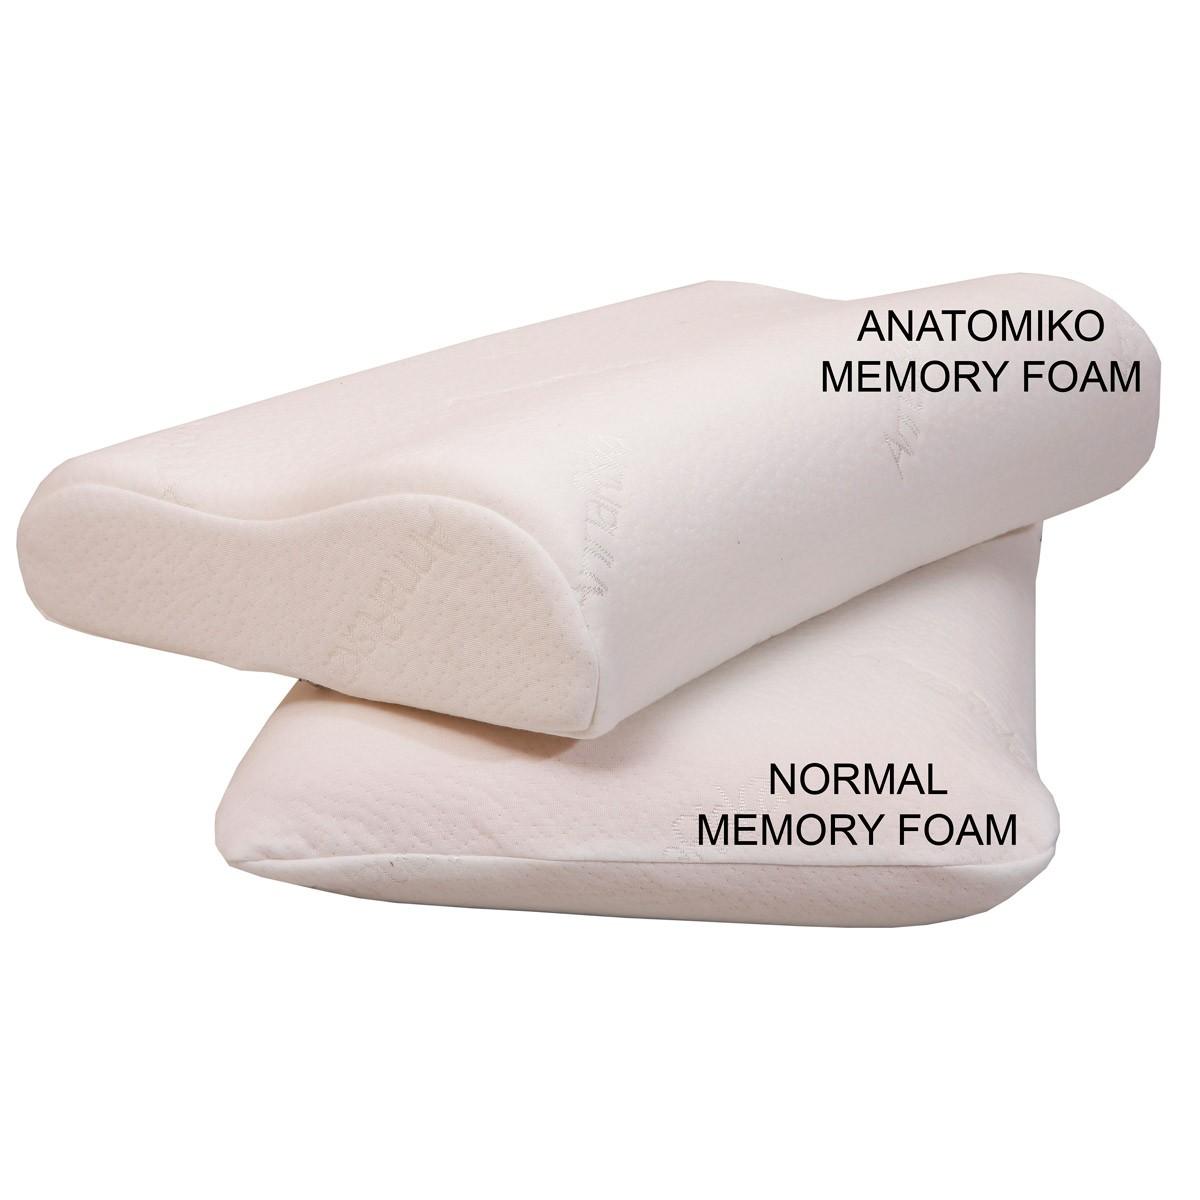 Μαξιλάρι Ύπνου Ανατομικό Anna Riska Memory Foam Normal